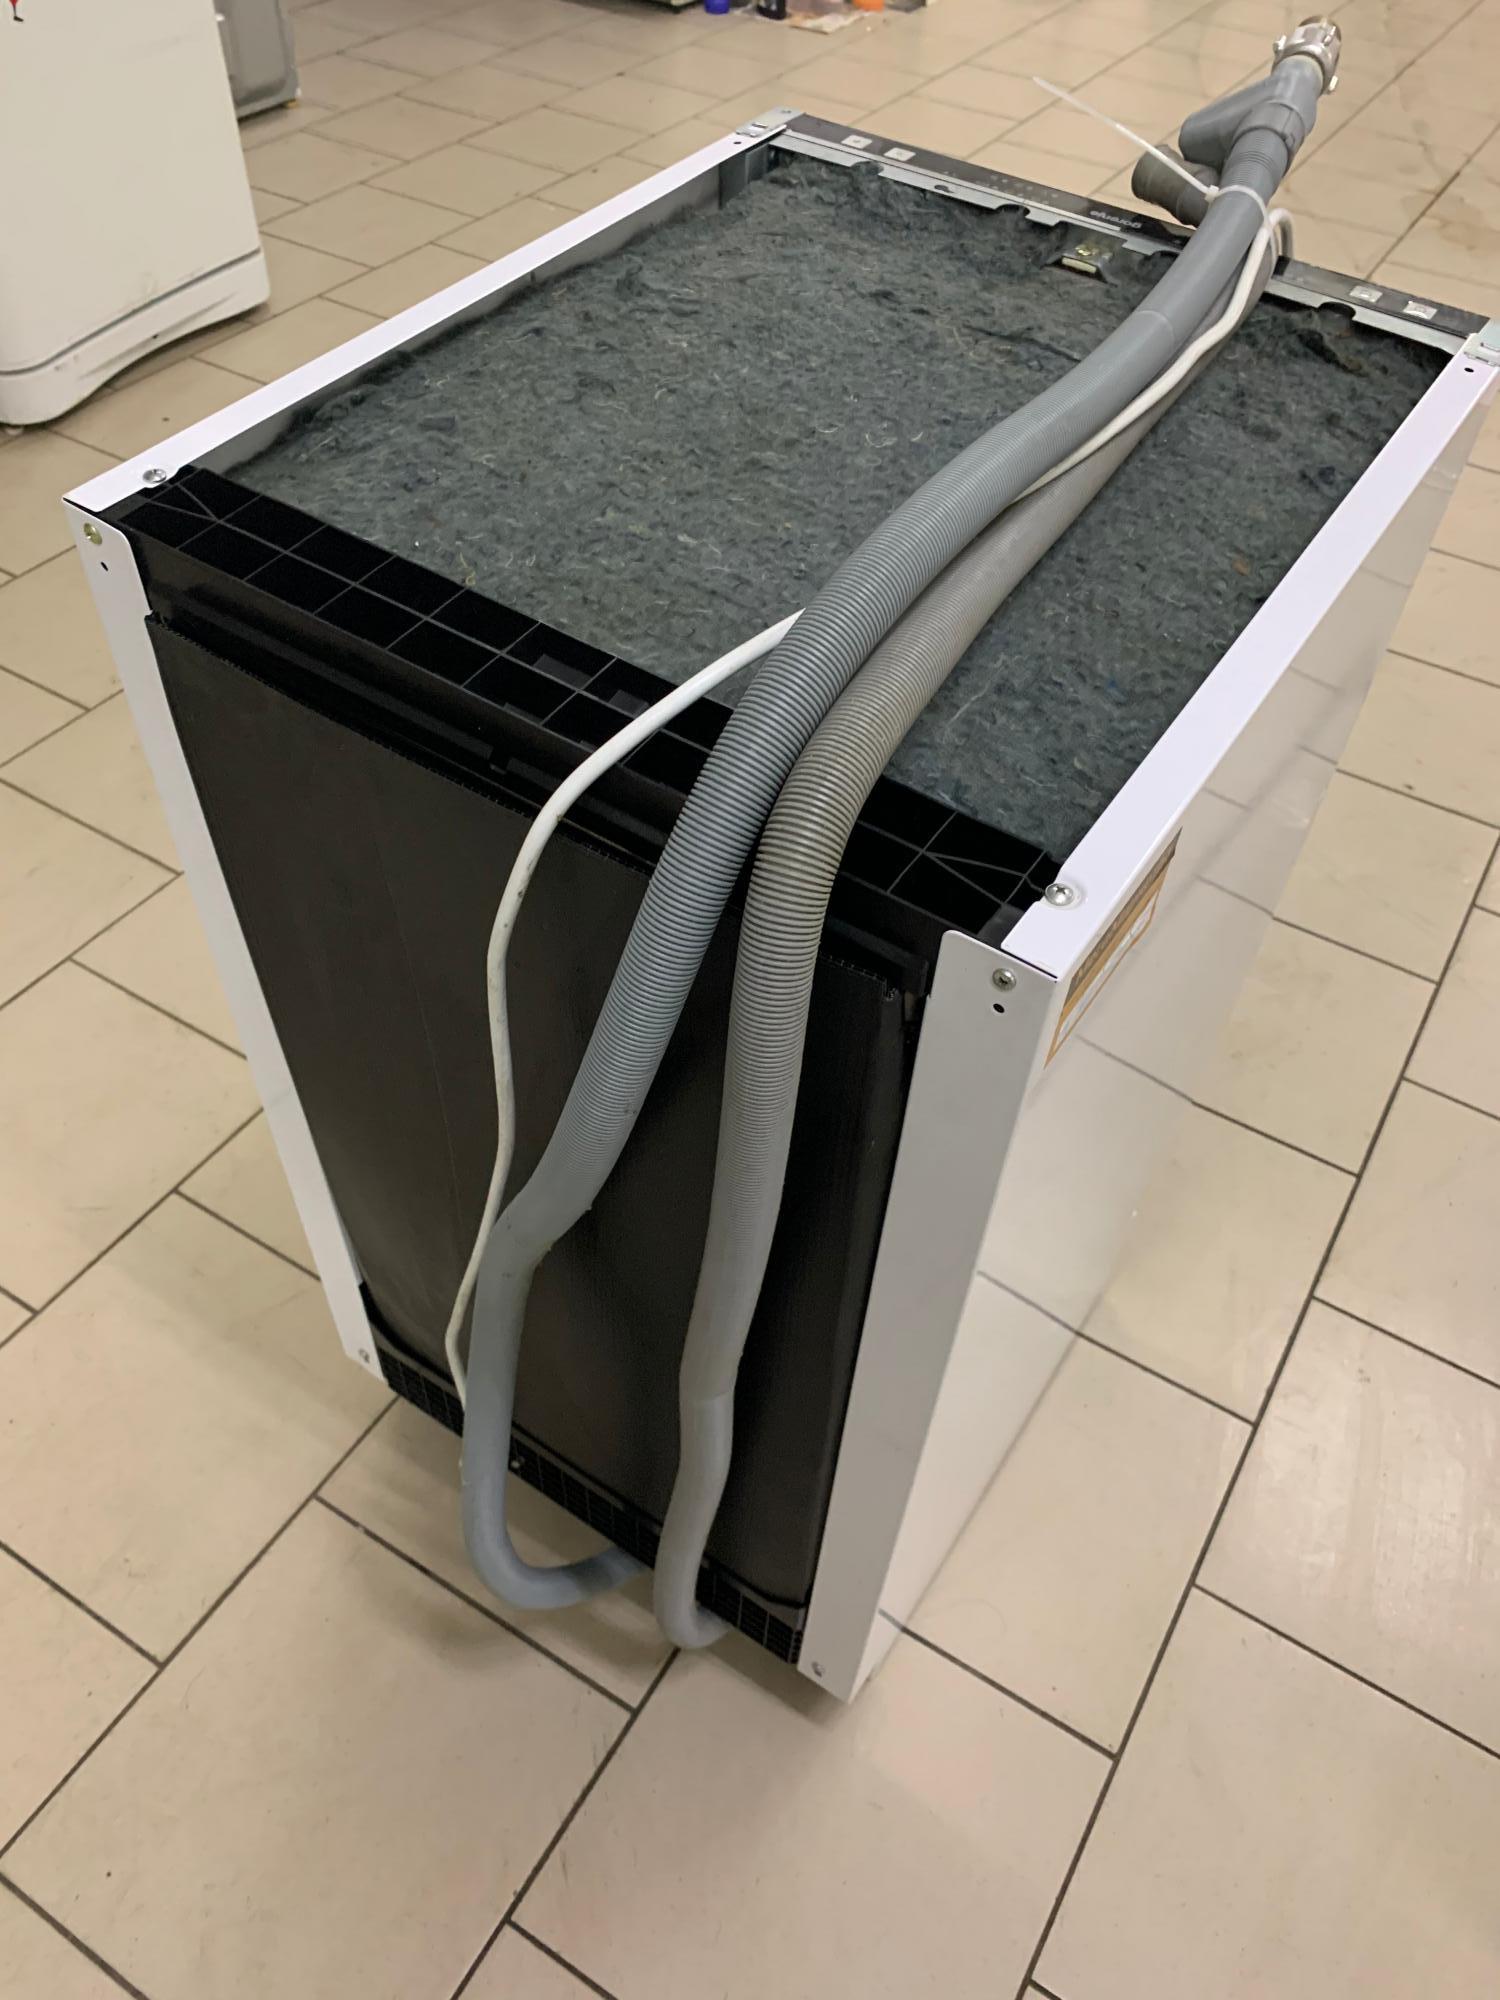 Посудомоечная машина б/у Gorenje GV51211 в Москве 89264600406 купить 4